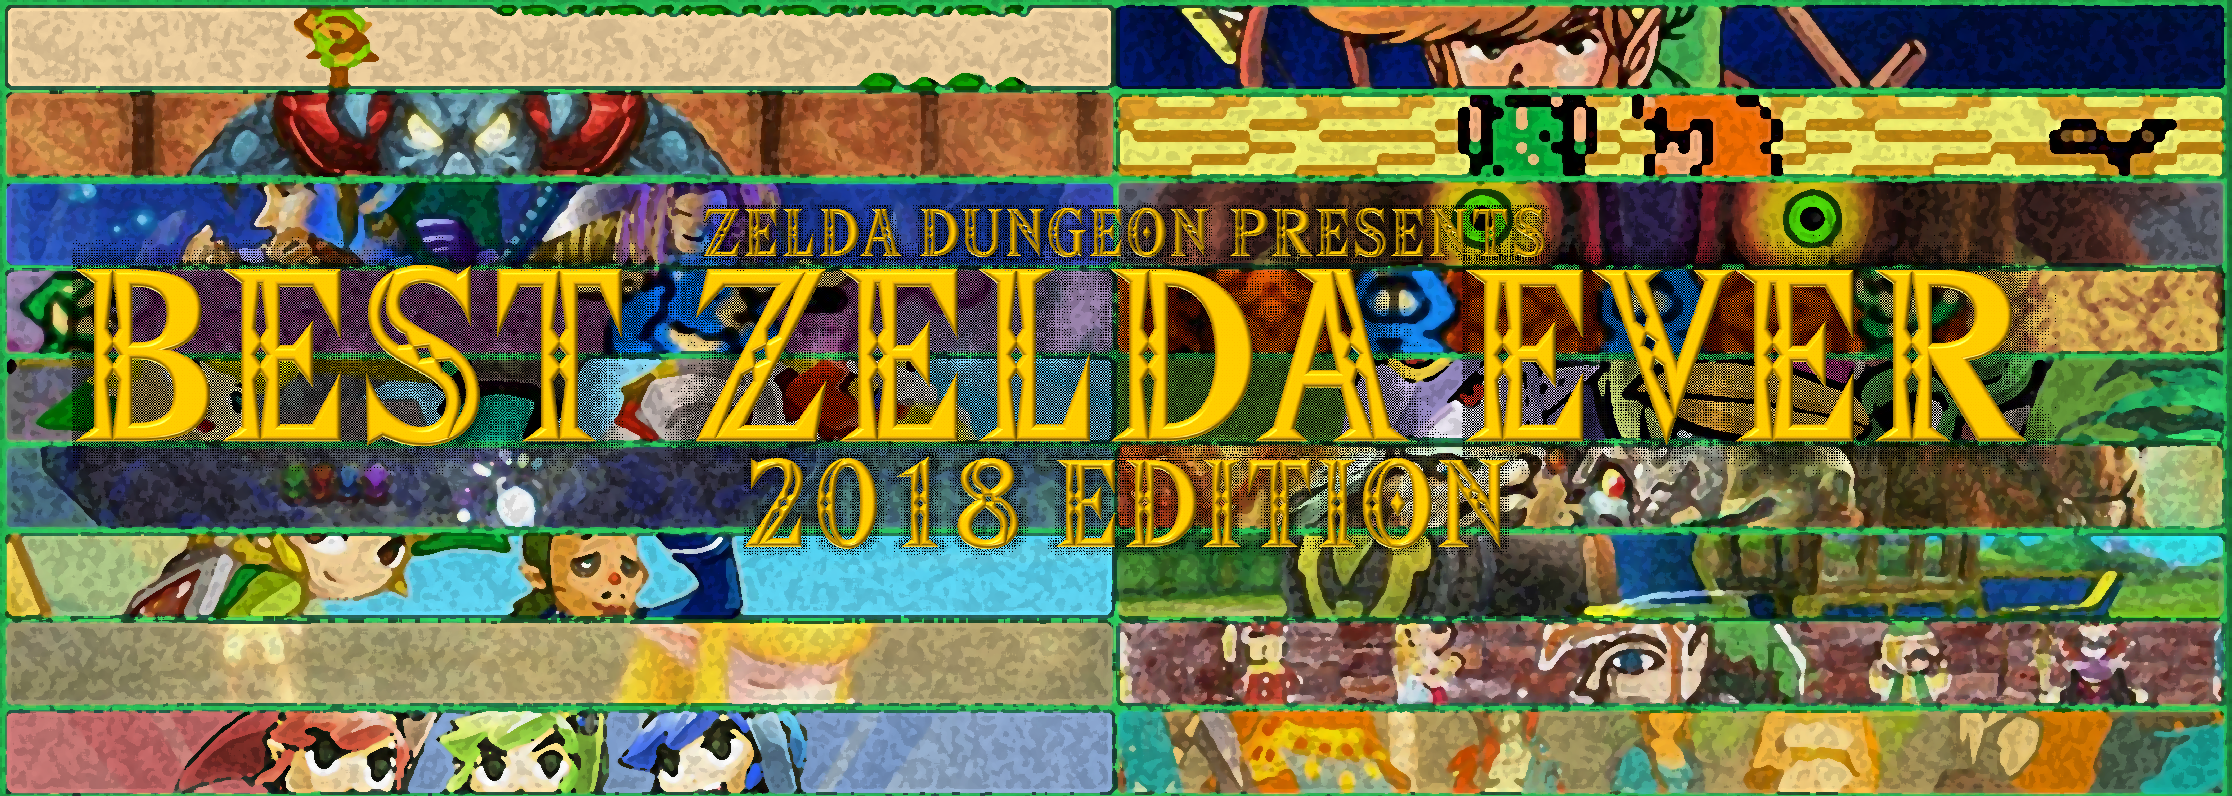 zelda dungeon's best zelda ever: 2018 edition list – zelda dungeon